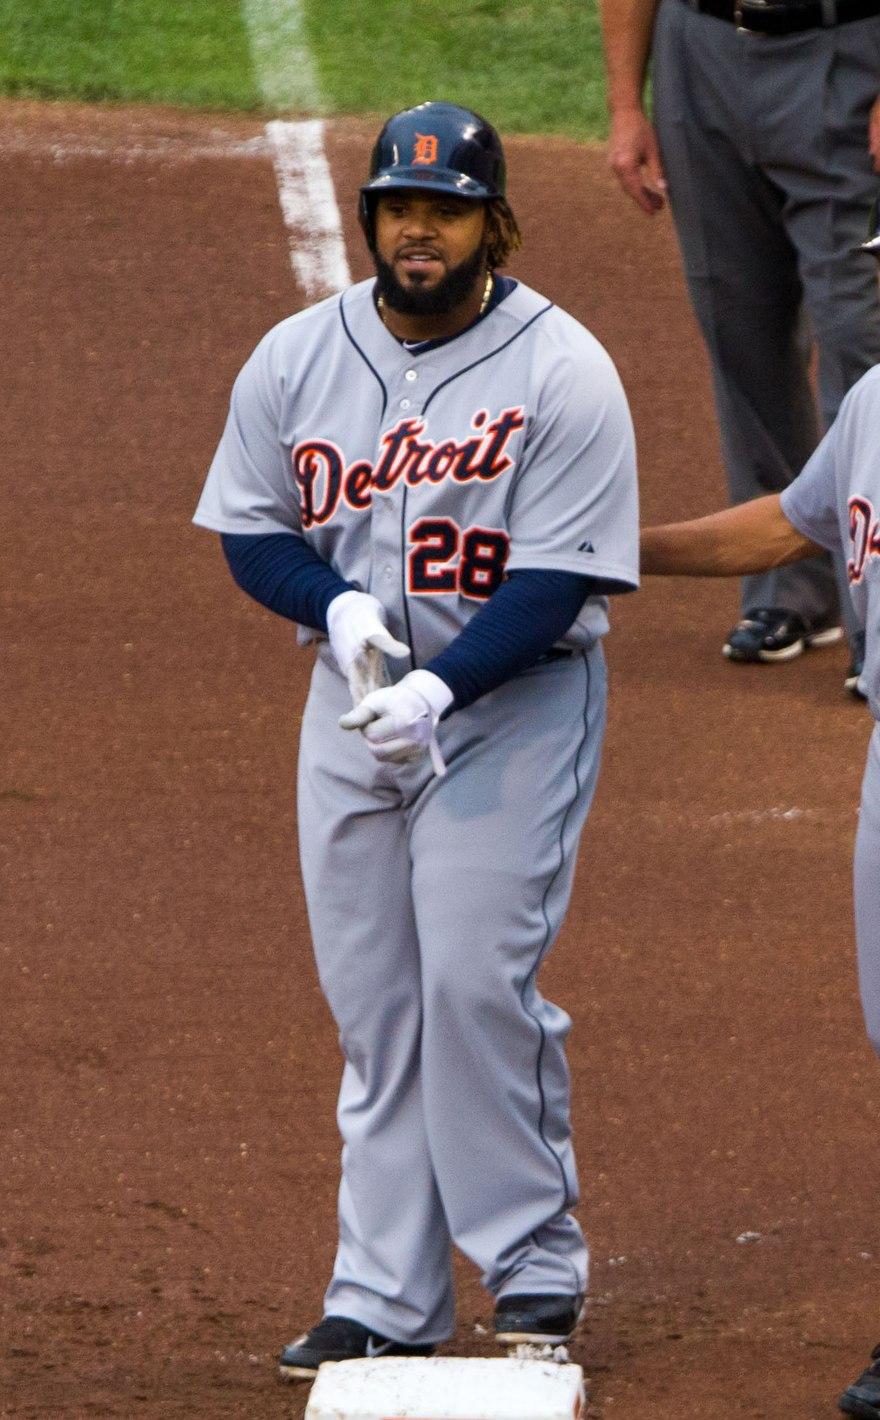 Prince Fielder on July 13, 2012